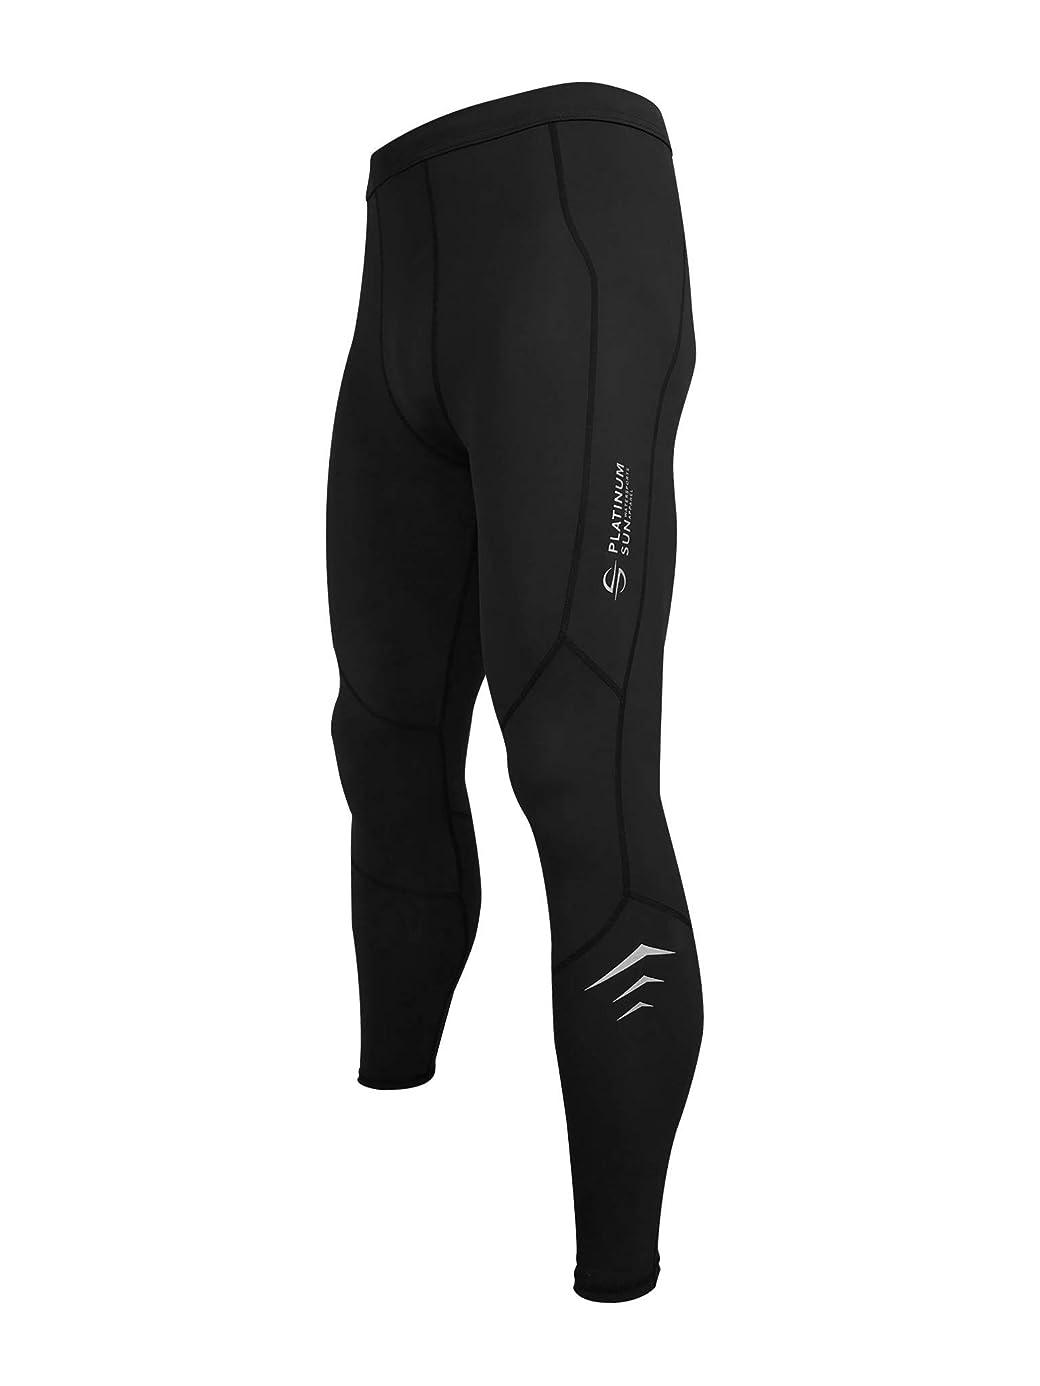 Men's Wetsuit Swimming Pants - Dive Skins Compression Swim Kayaking Paddling Surf Tights Leggings Pant UPF 50+